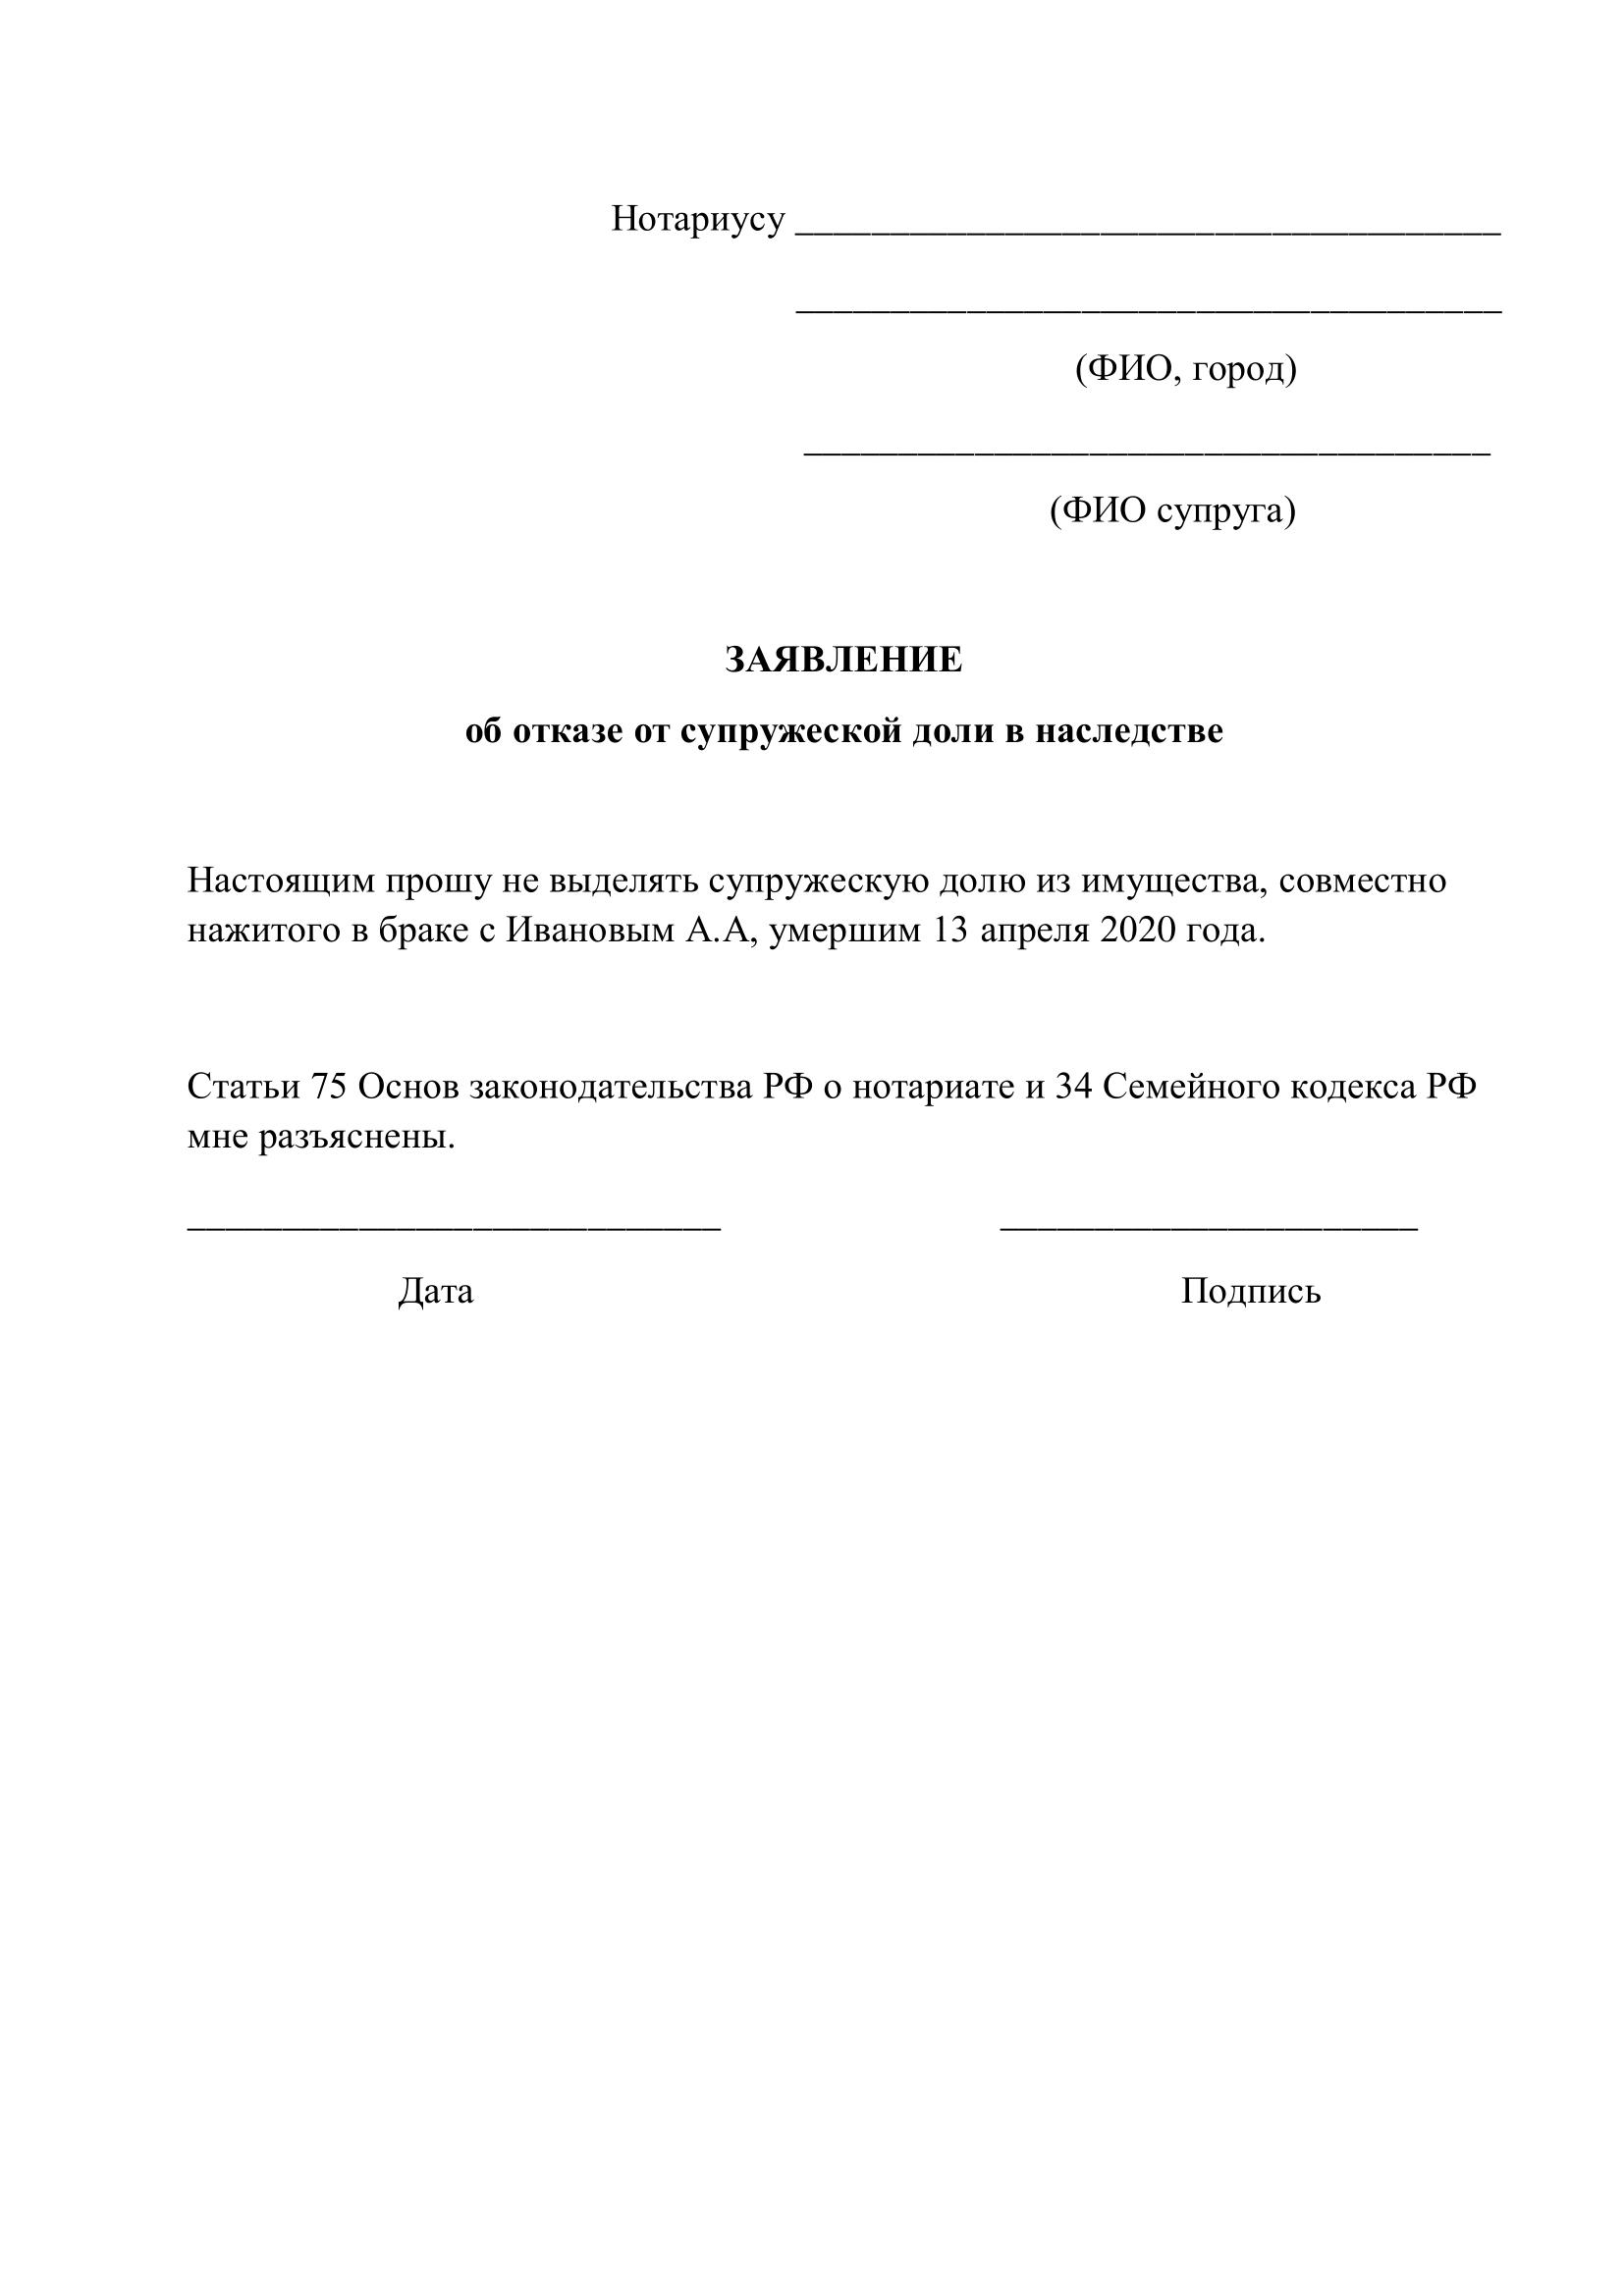 Заявление об отказе от супружеской доли в наследстве